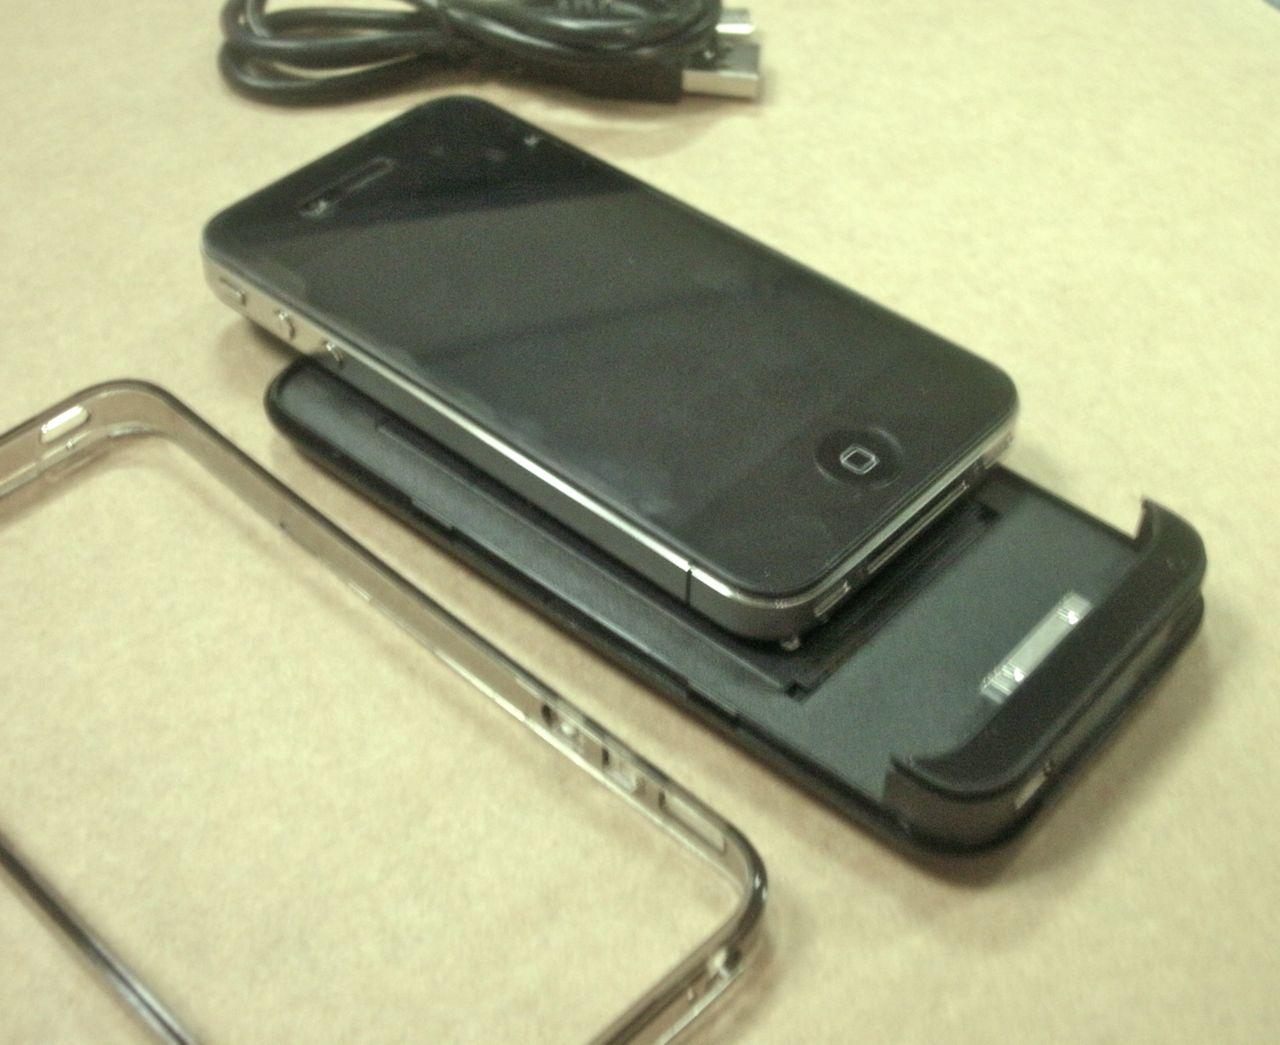 画像4: iPhone4 用バッテリーケース付き保護ケース